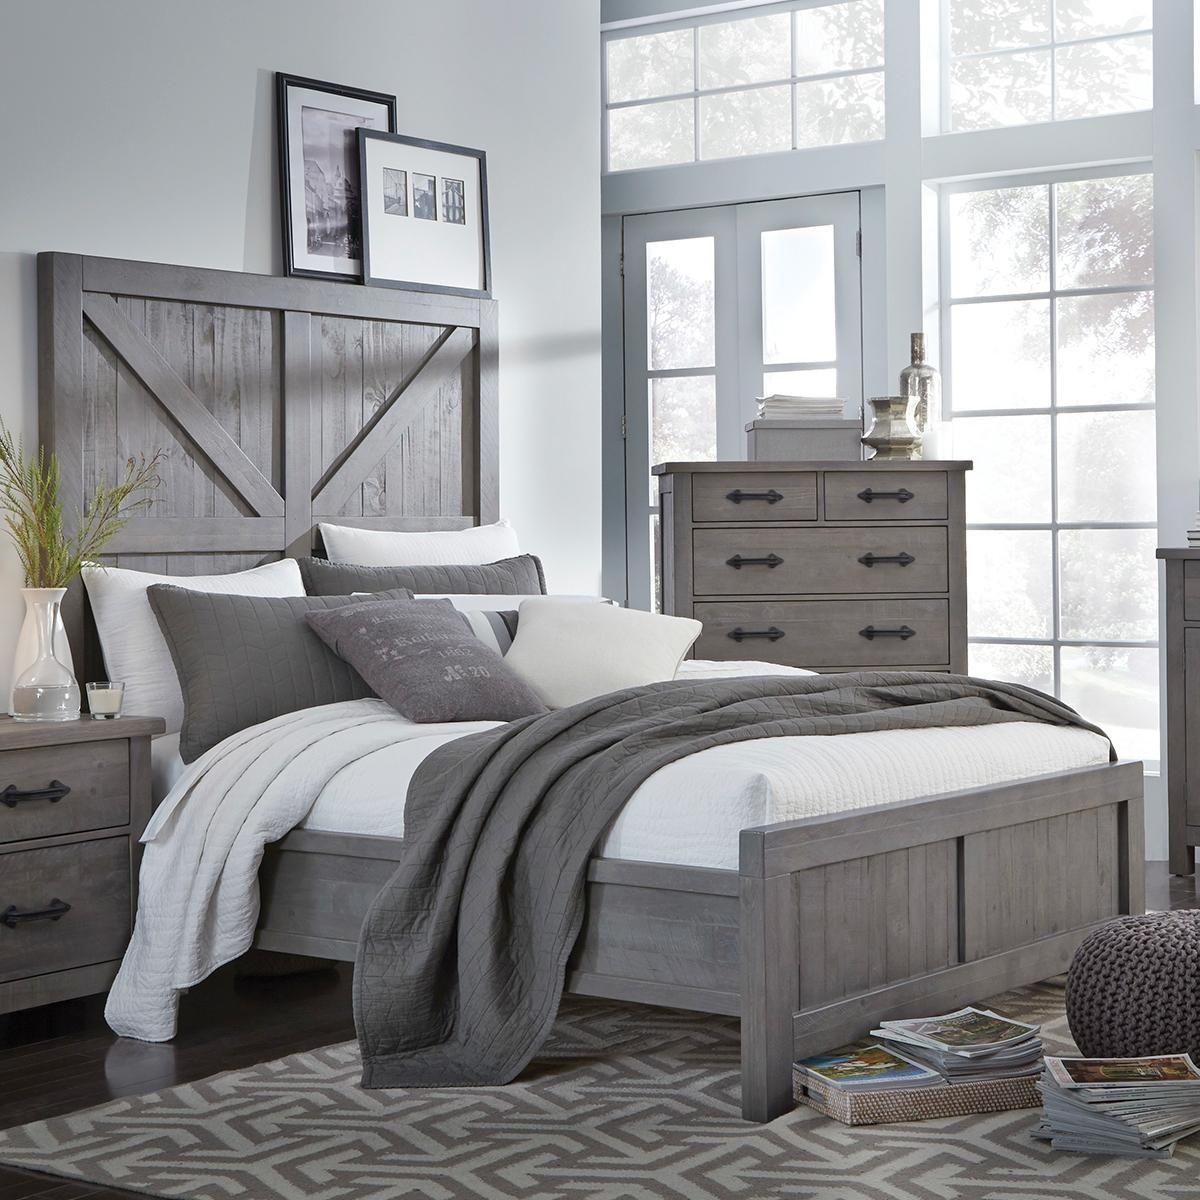 Urban Home Austin King Panel Bed in Rustic Grey | Nebraska ...